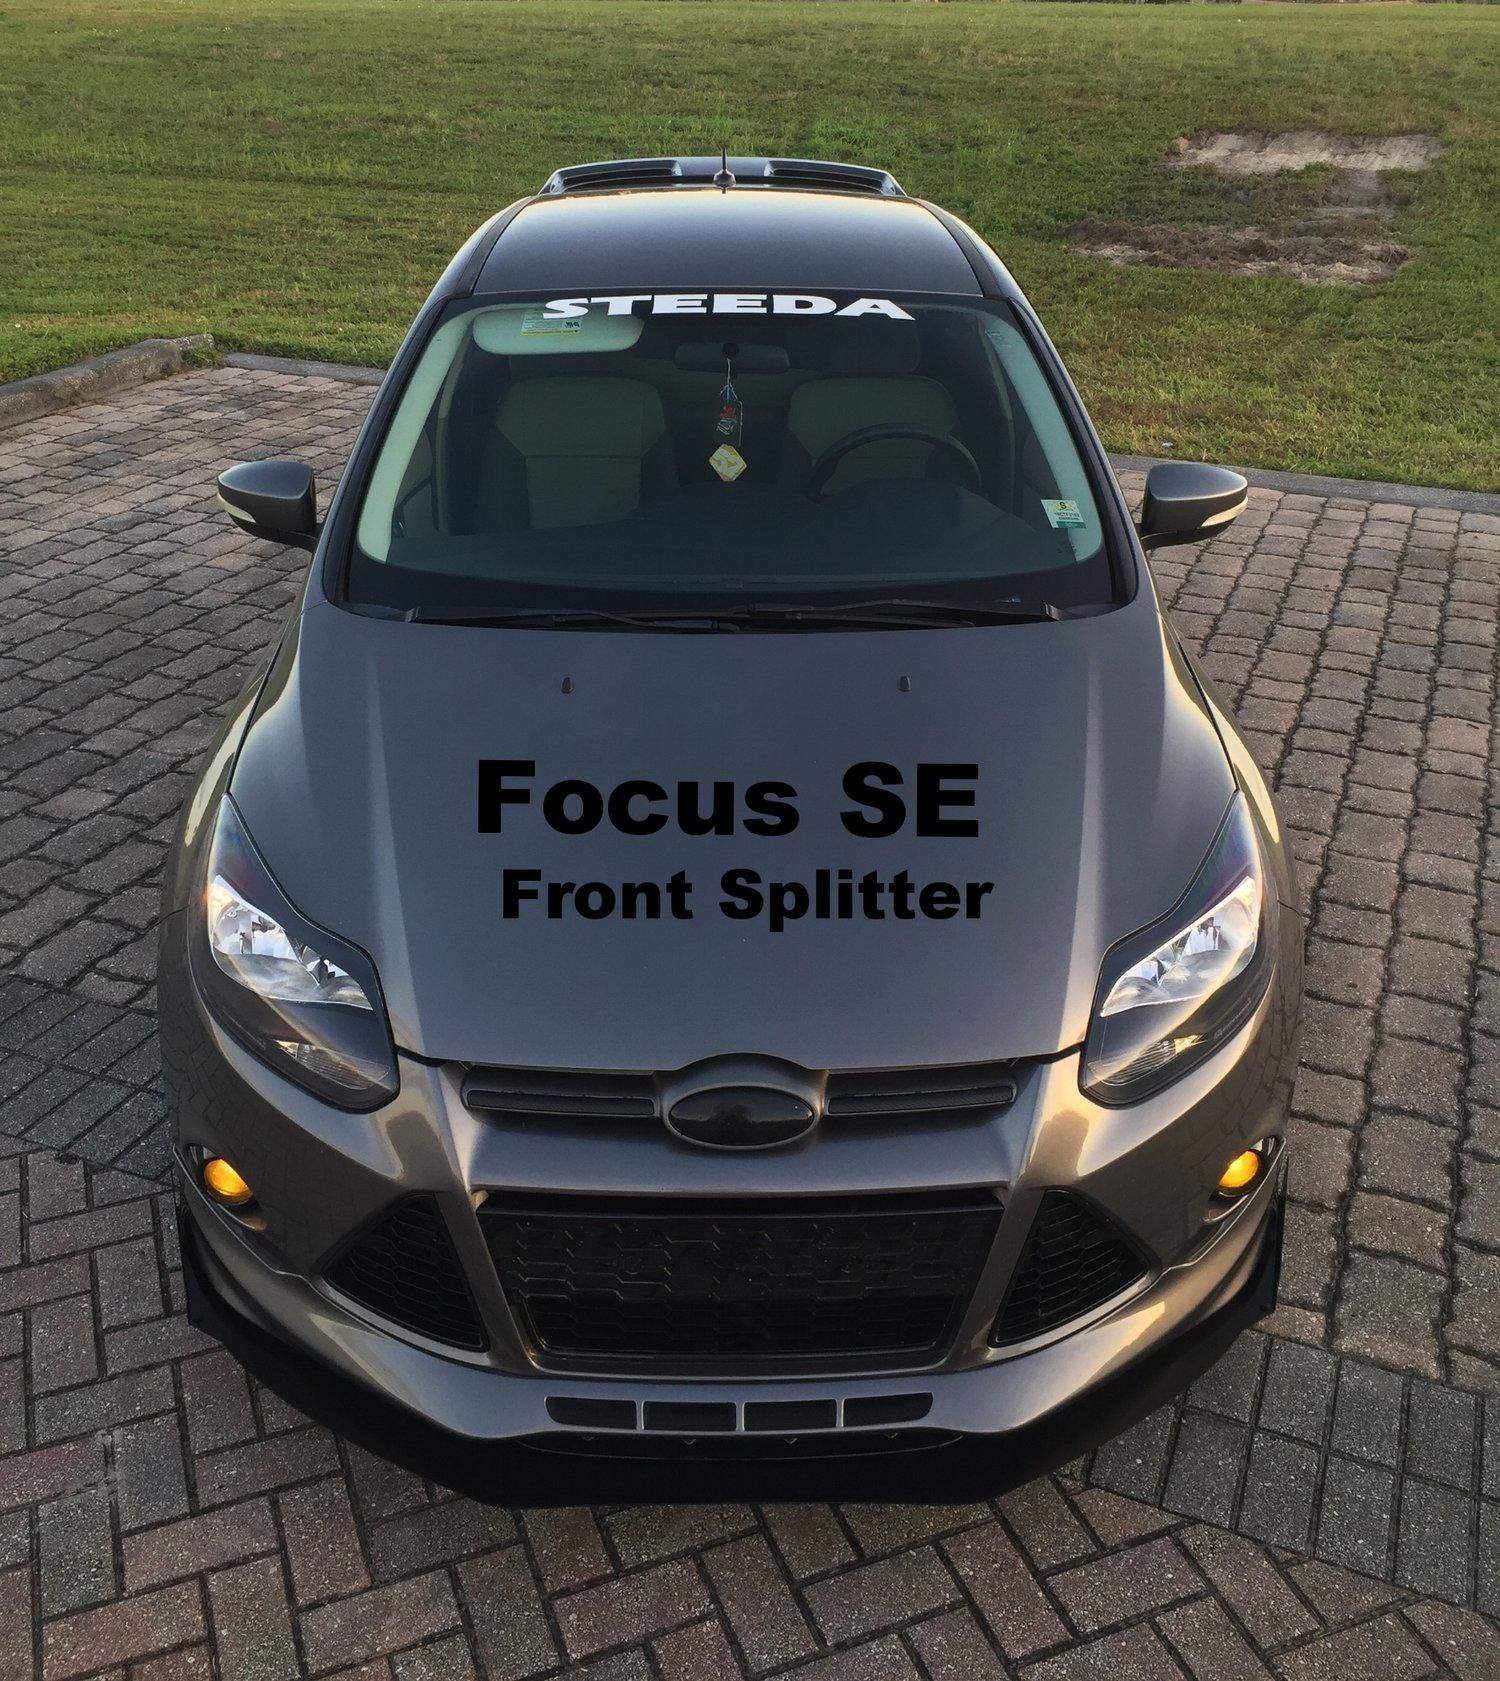 Focus Front Bumper-edb59123-f6d7-4de9-be81-9fb3113580a1_1557139533159.jpeg